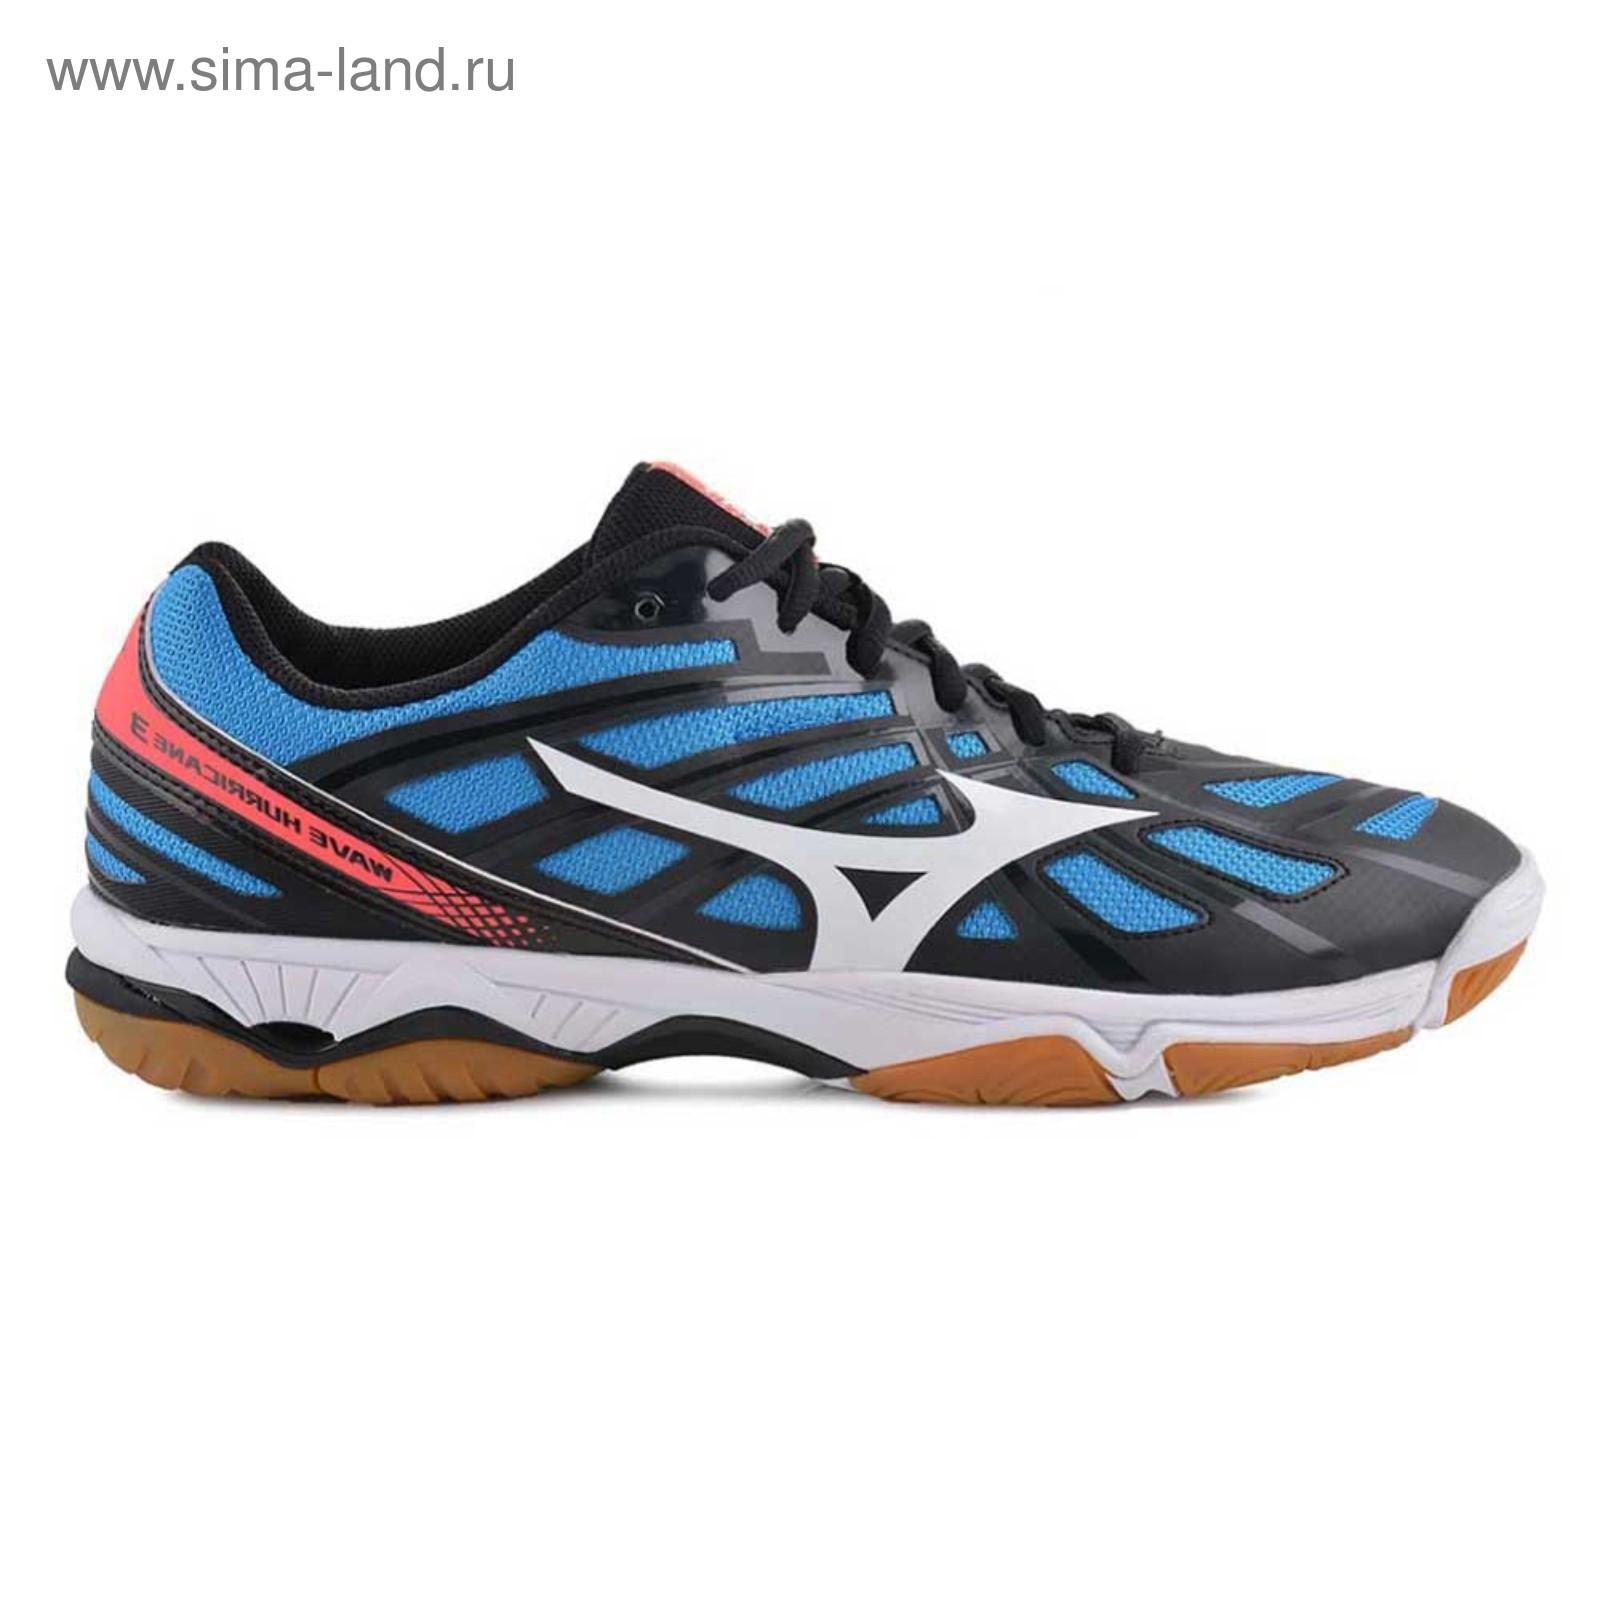 MIZUNO V1GA1740 01 WAVE HURRICANE 3 Кроссовки волейбольные 8 ... 02475381655